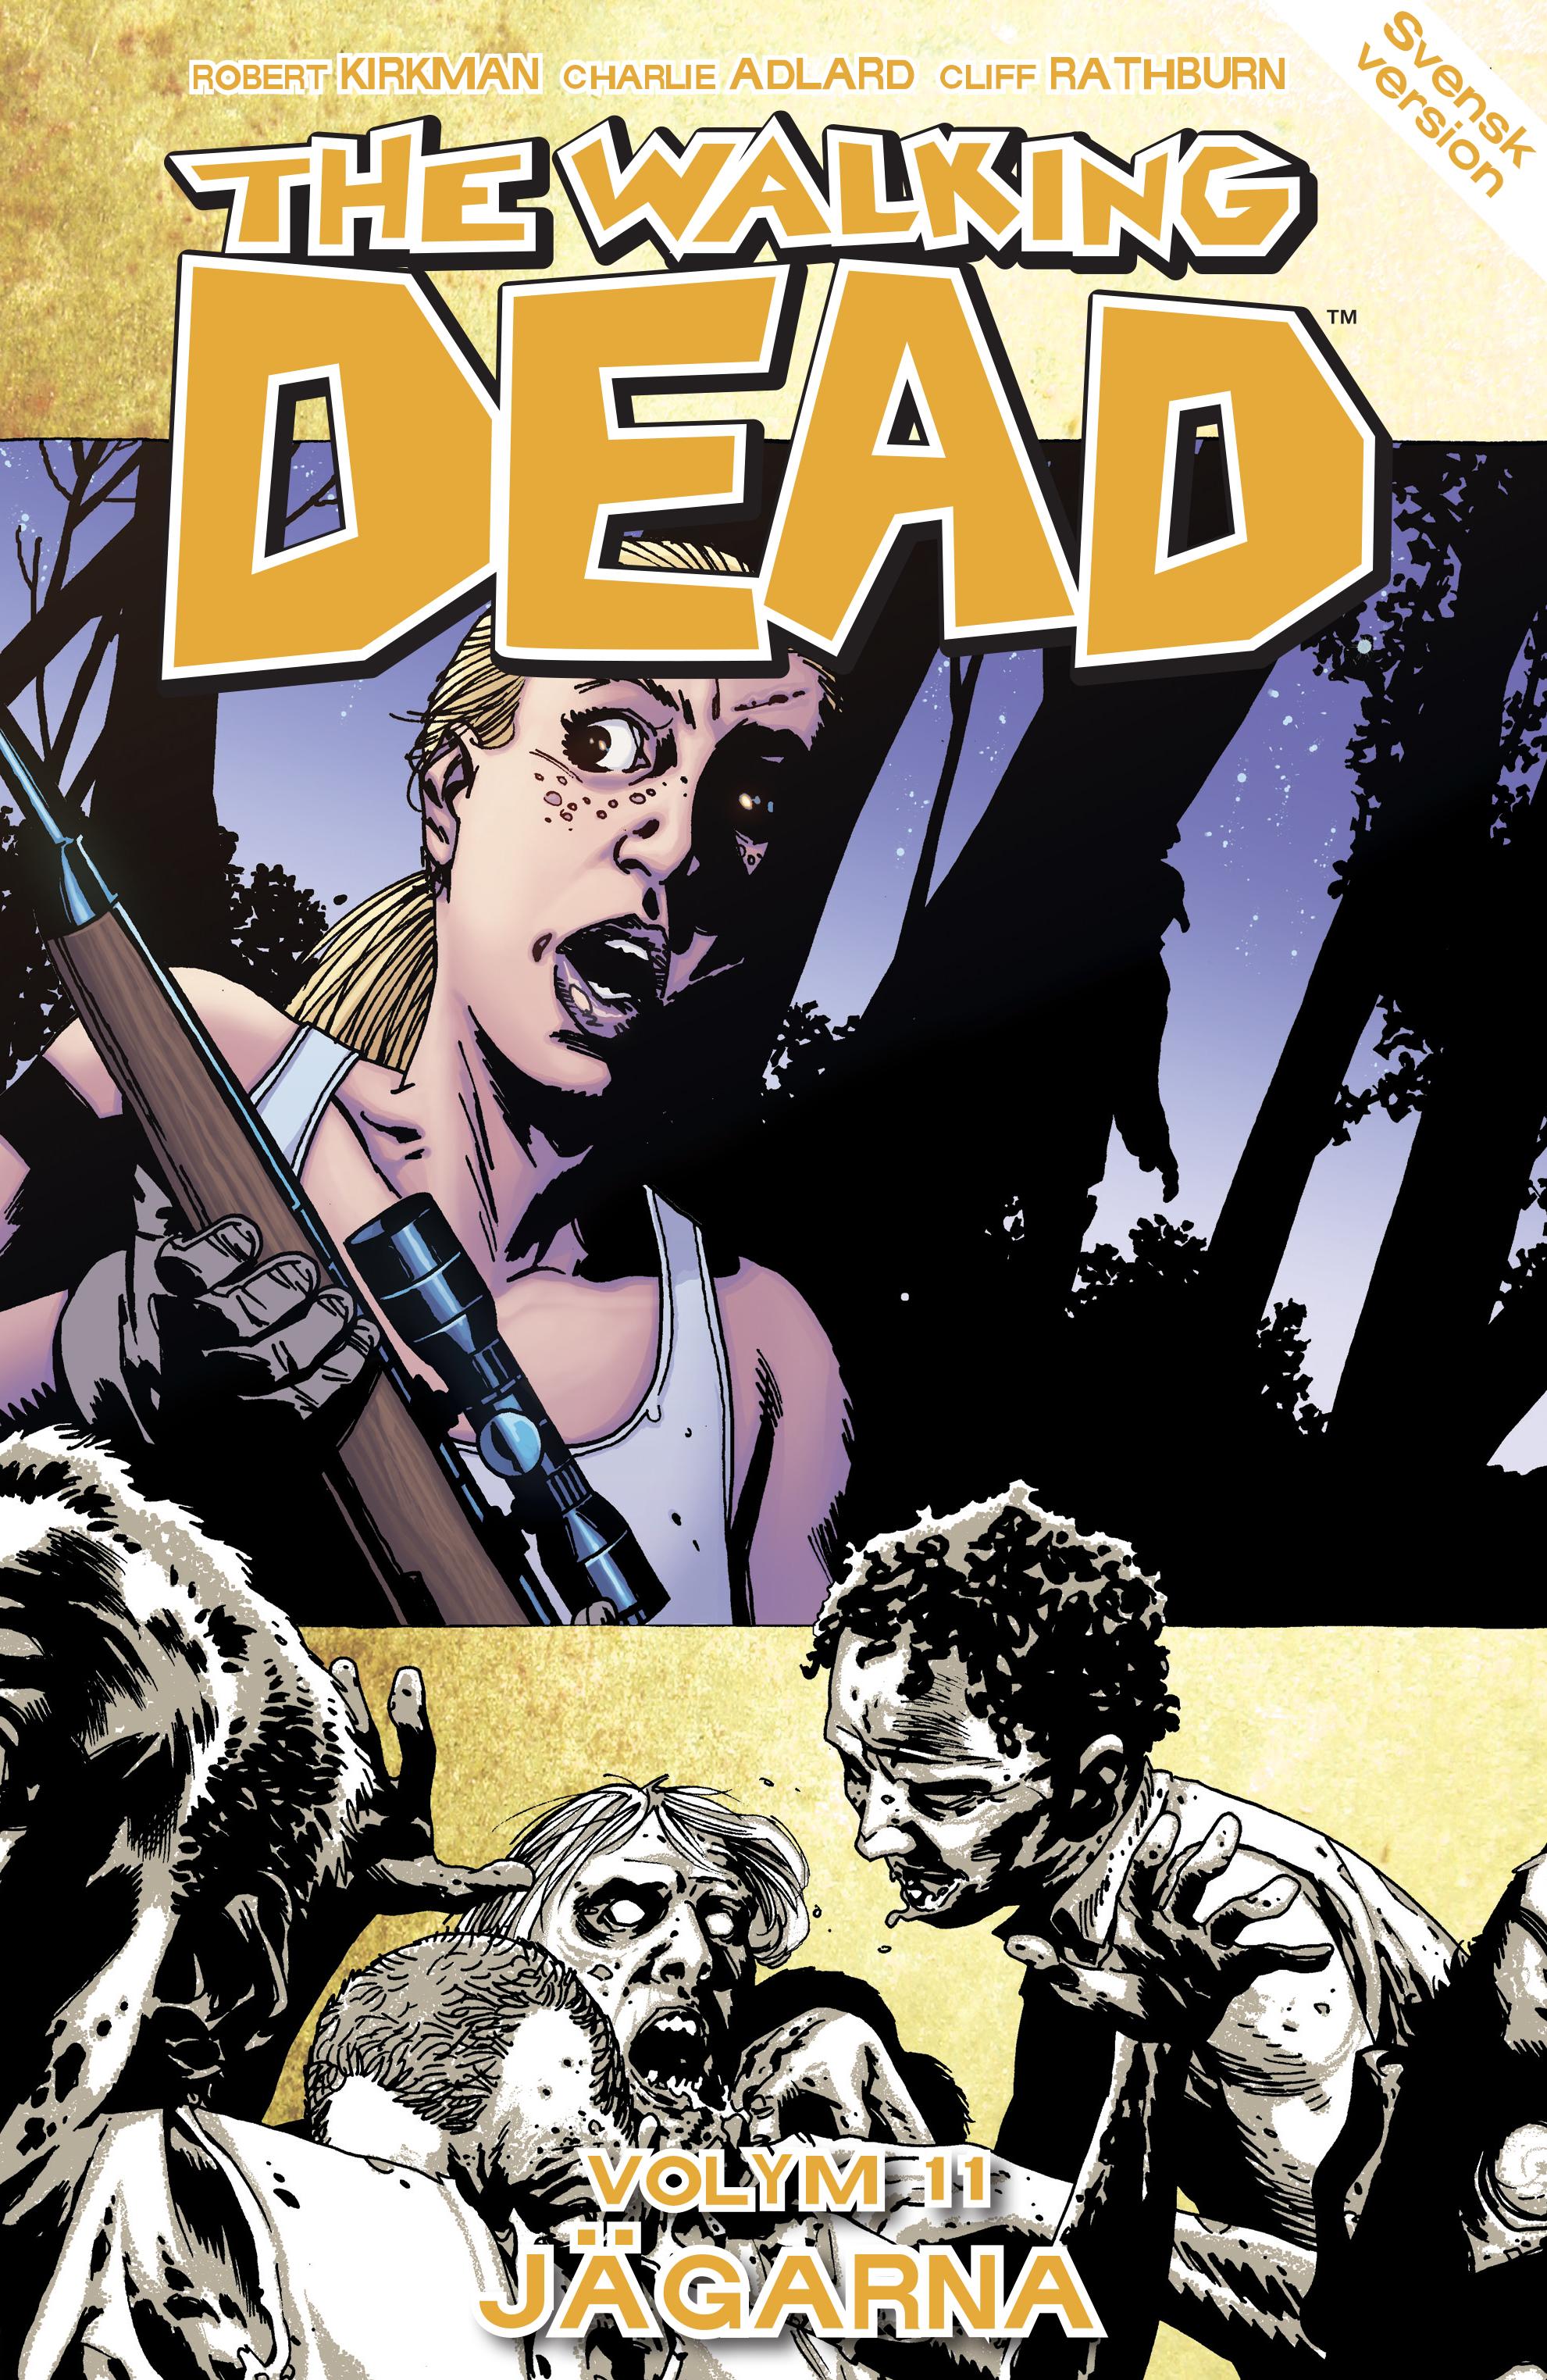 The Walking Dead volym 11. Jägarna av Robert Kirkman